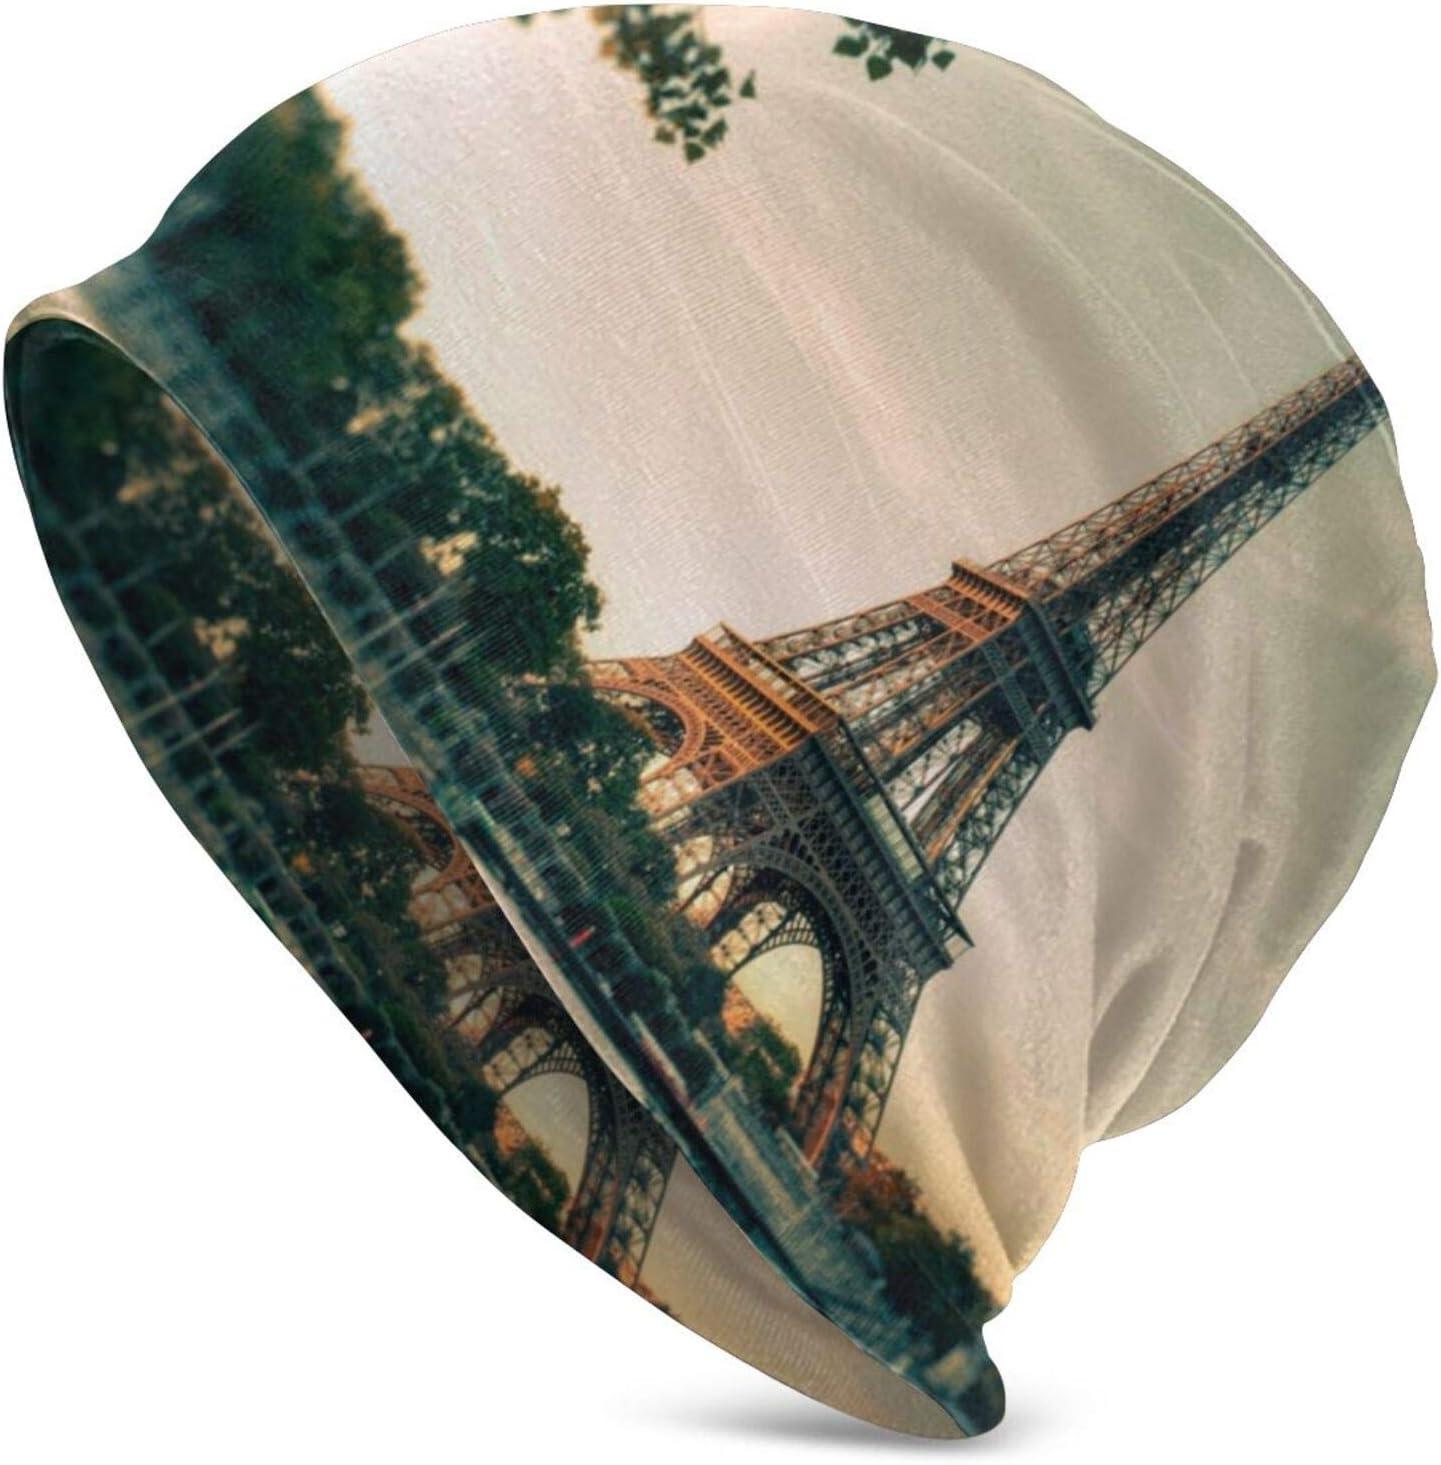 QUEMIN Bolsas Varios tamaños Hermosa Torre de París Gorra de Calavera de Conejito Lindo Gorro elástico Gorros Holgados Sombreros de Moda de Punto de Invierno para Mujeres Hombres